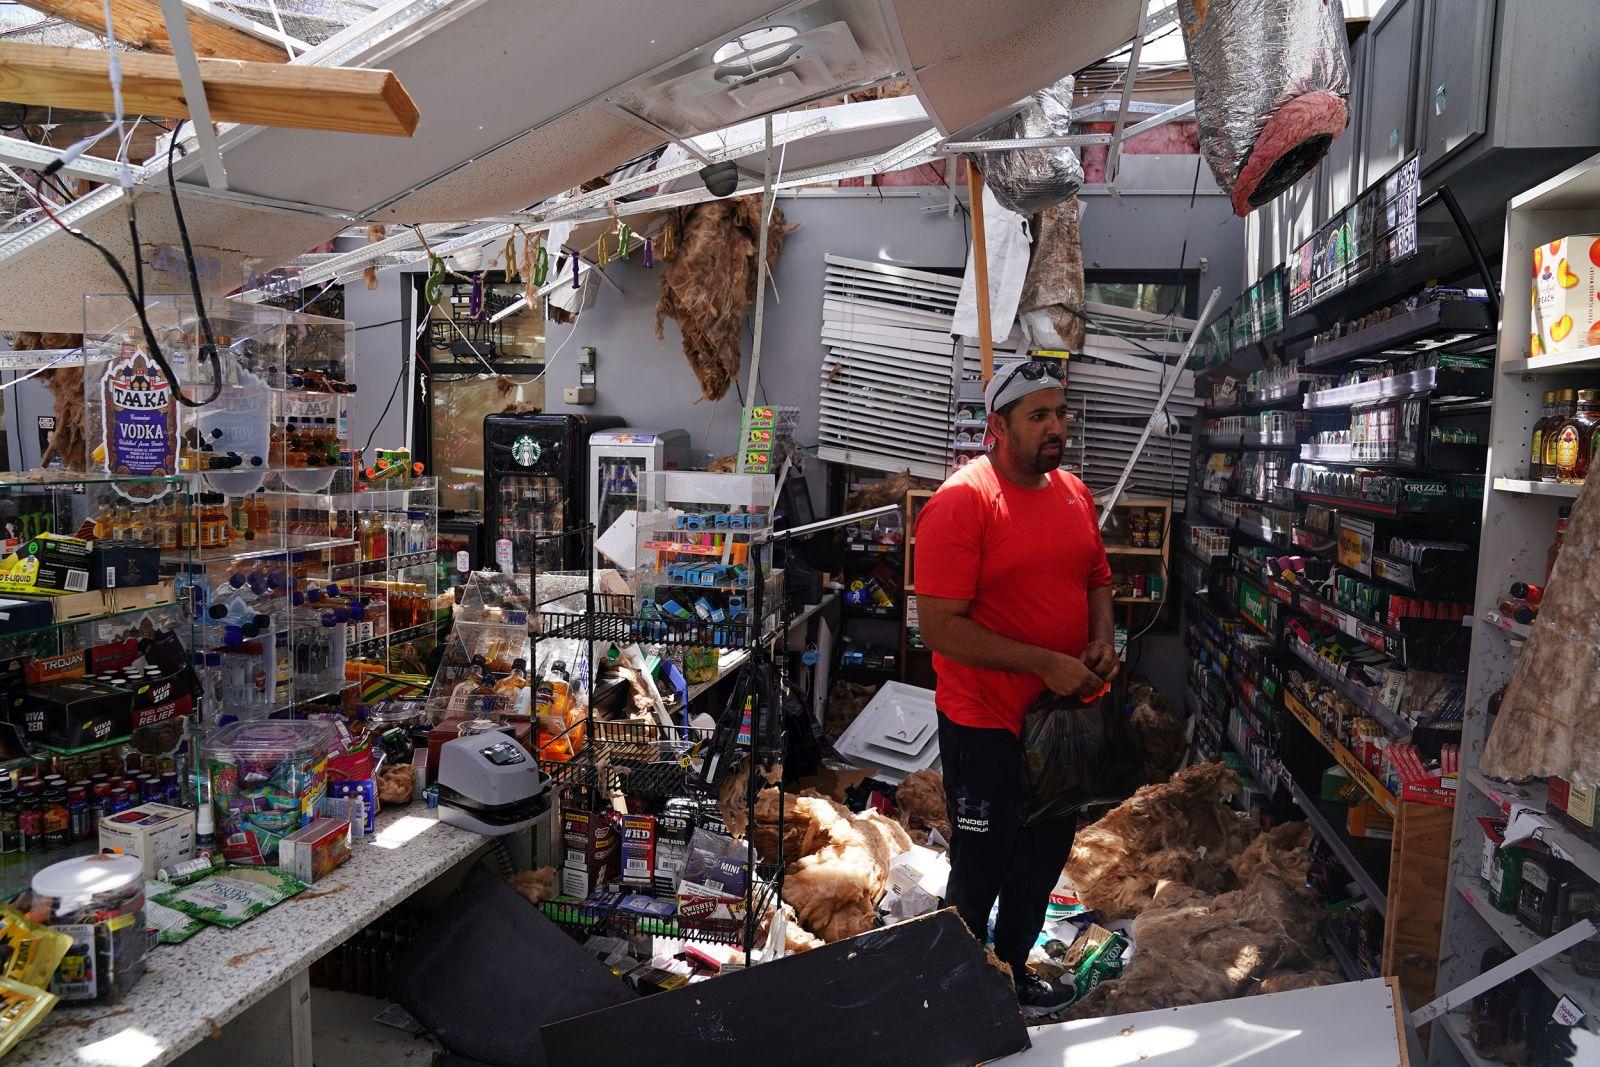 Chùm ảnh siêu bão Laura tàn phá phía Nam nước Mỹ: Ít nhất 4 người thiệt mạng, nhà cửa hư hỏng nặng nề, cuộc sống người dân bị đảo lộn - Ảnh 5.